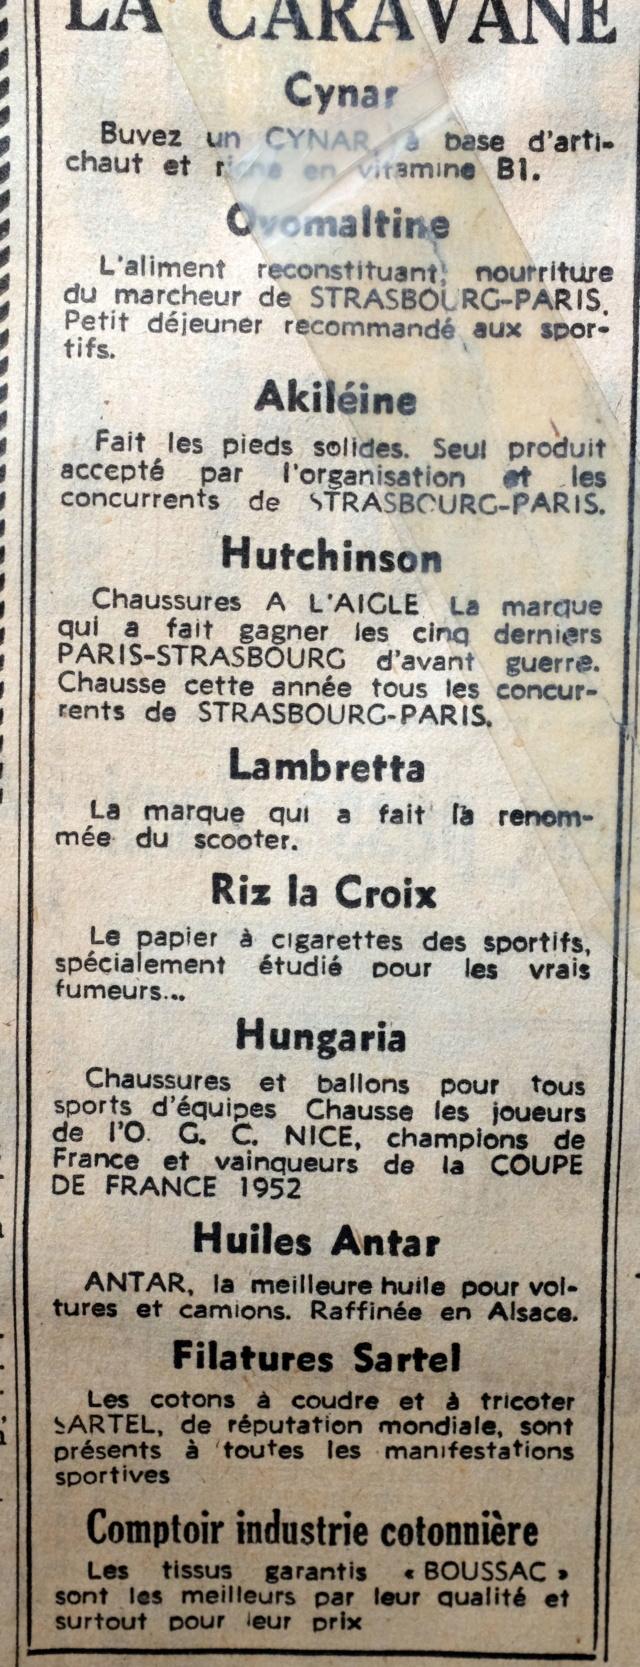 Strasbourg-Paris 1952 Le Parisien Dscf2120